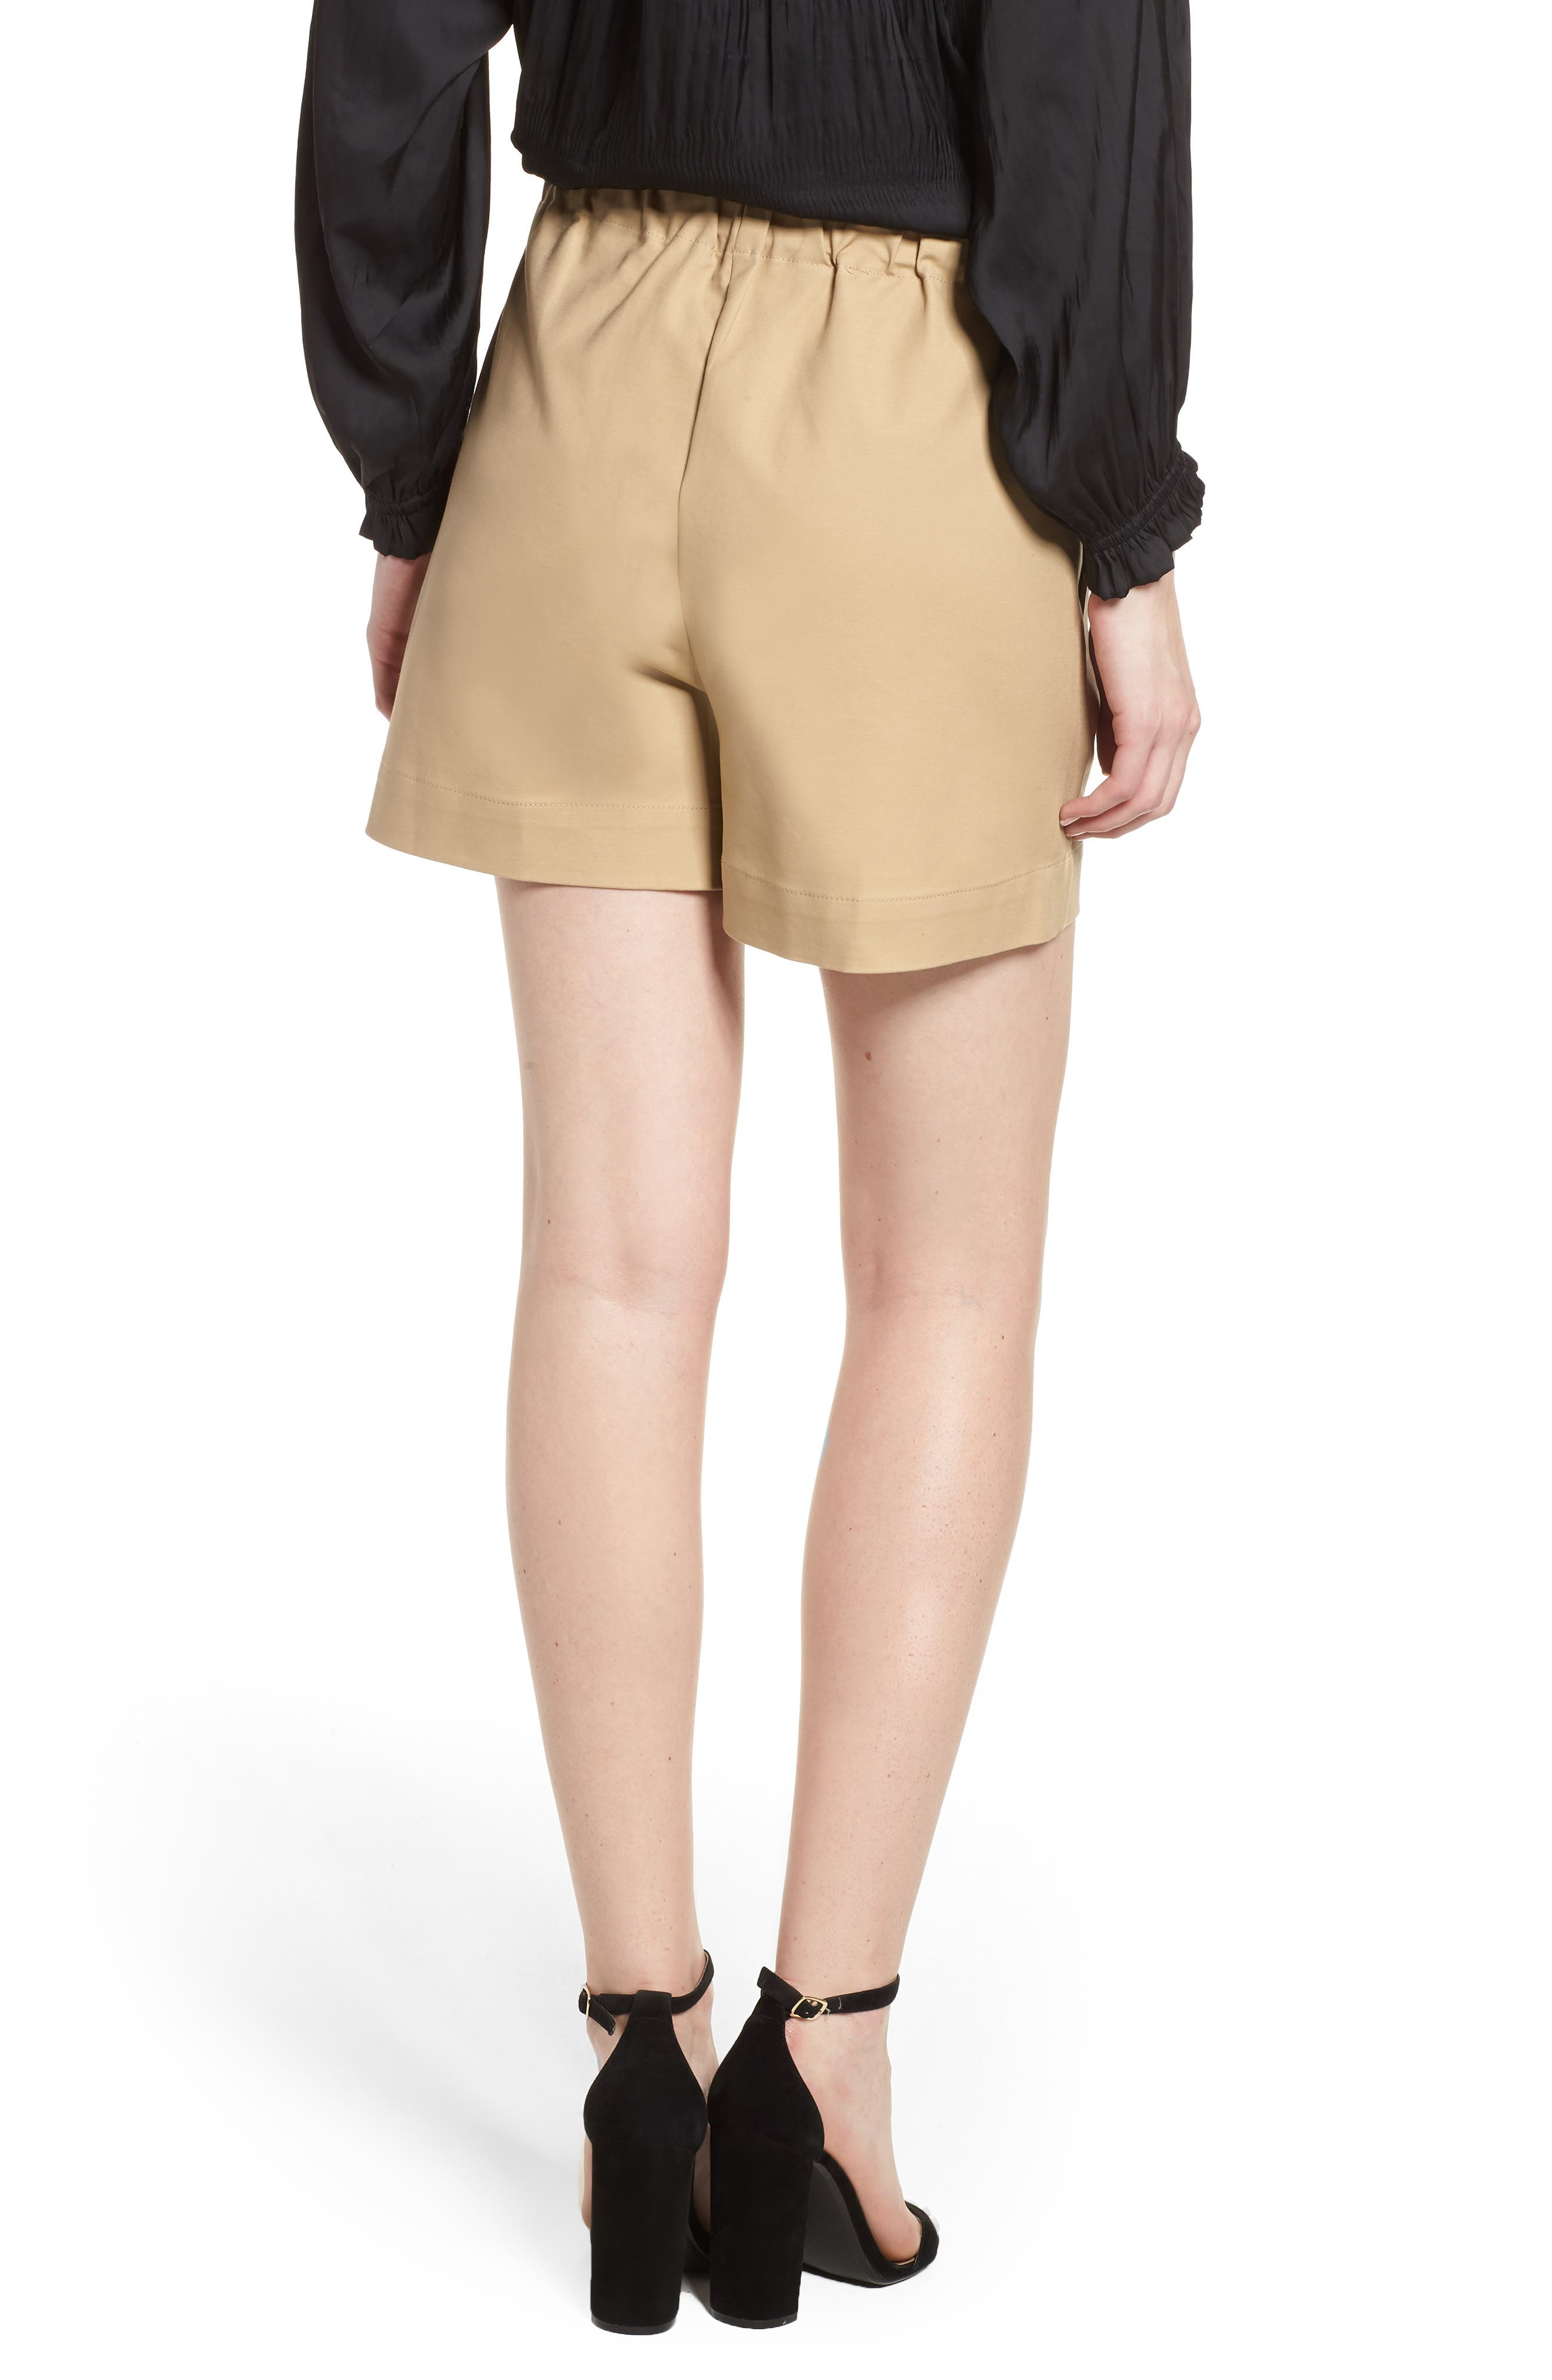 Park South Shorts,                             Alternate thumbnail 2, color,                             Beige